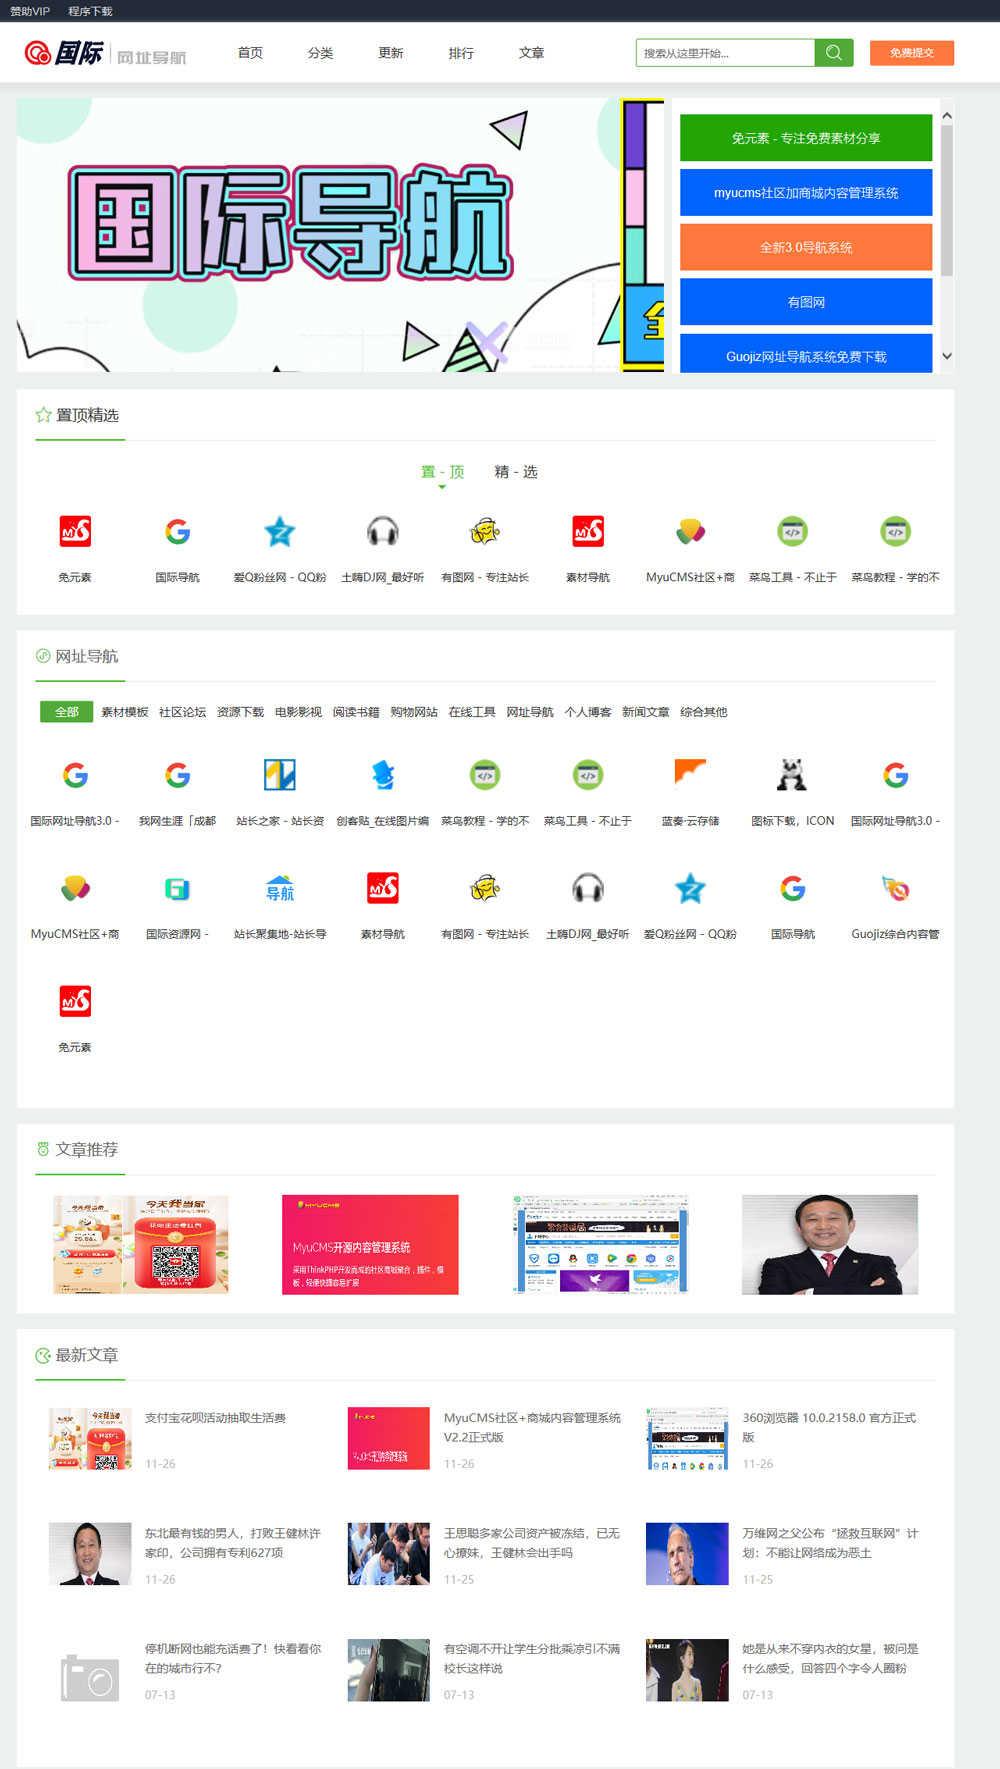 Guoji国际网址导航系统网站源码v3.1-52资源网